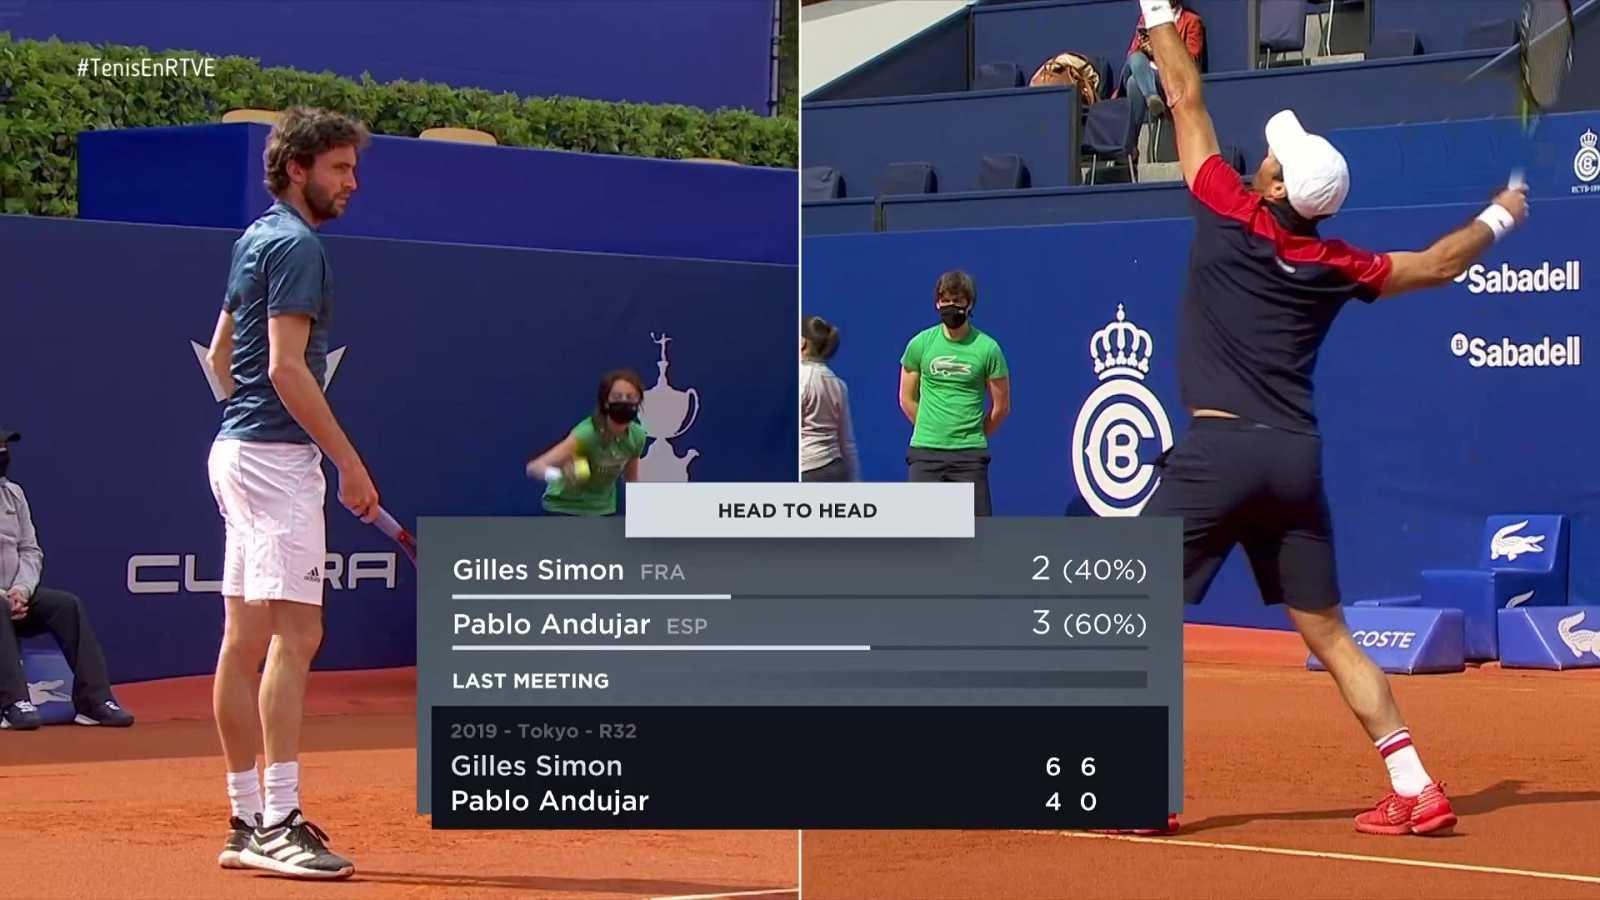 Tenis - ATP 500 Trofeo Conde de Godó. 1º partido: G. Simon - P. Andújar - ver ahora